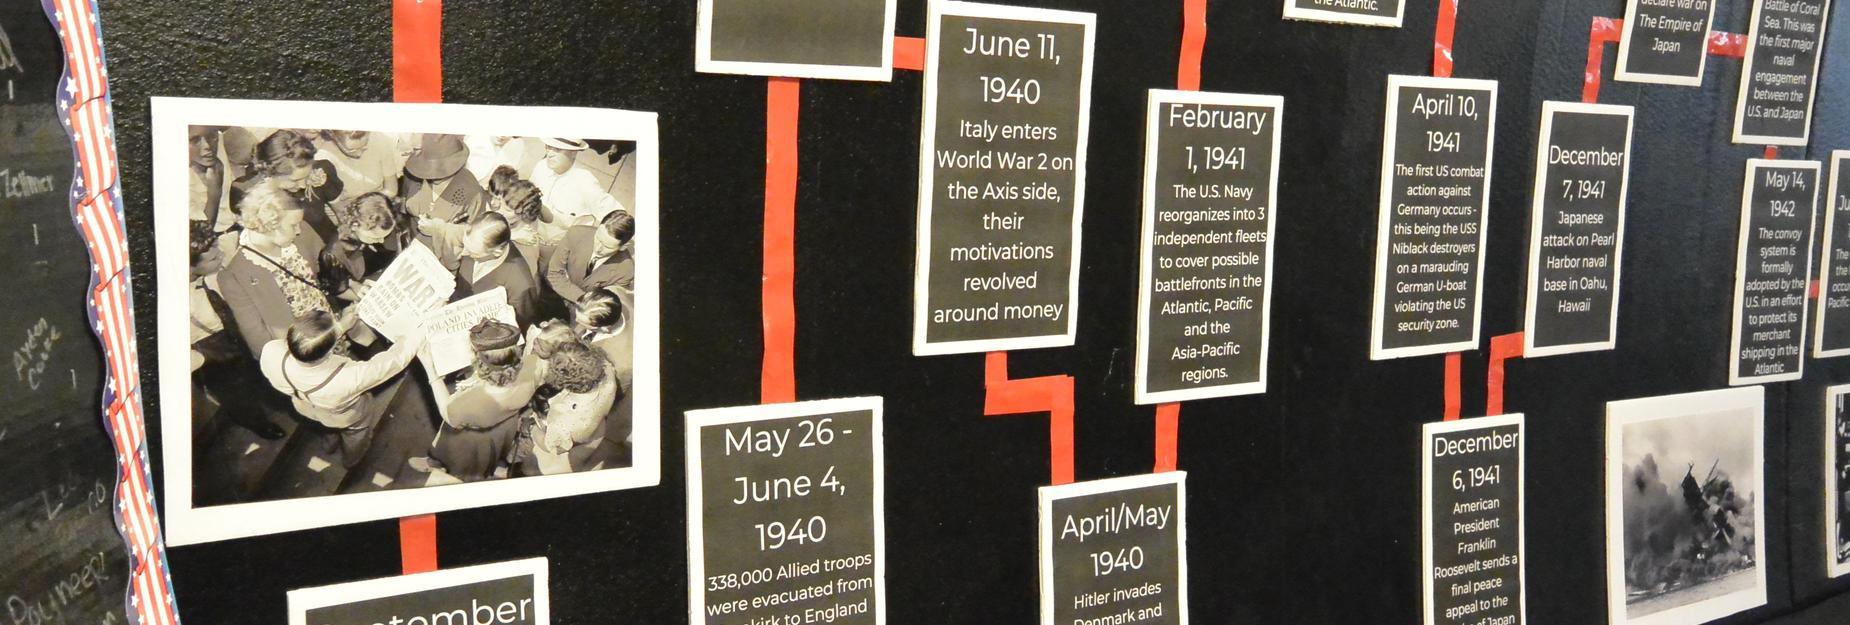 Photo of WW2 History Exhibit